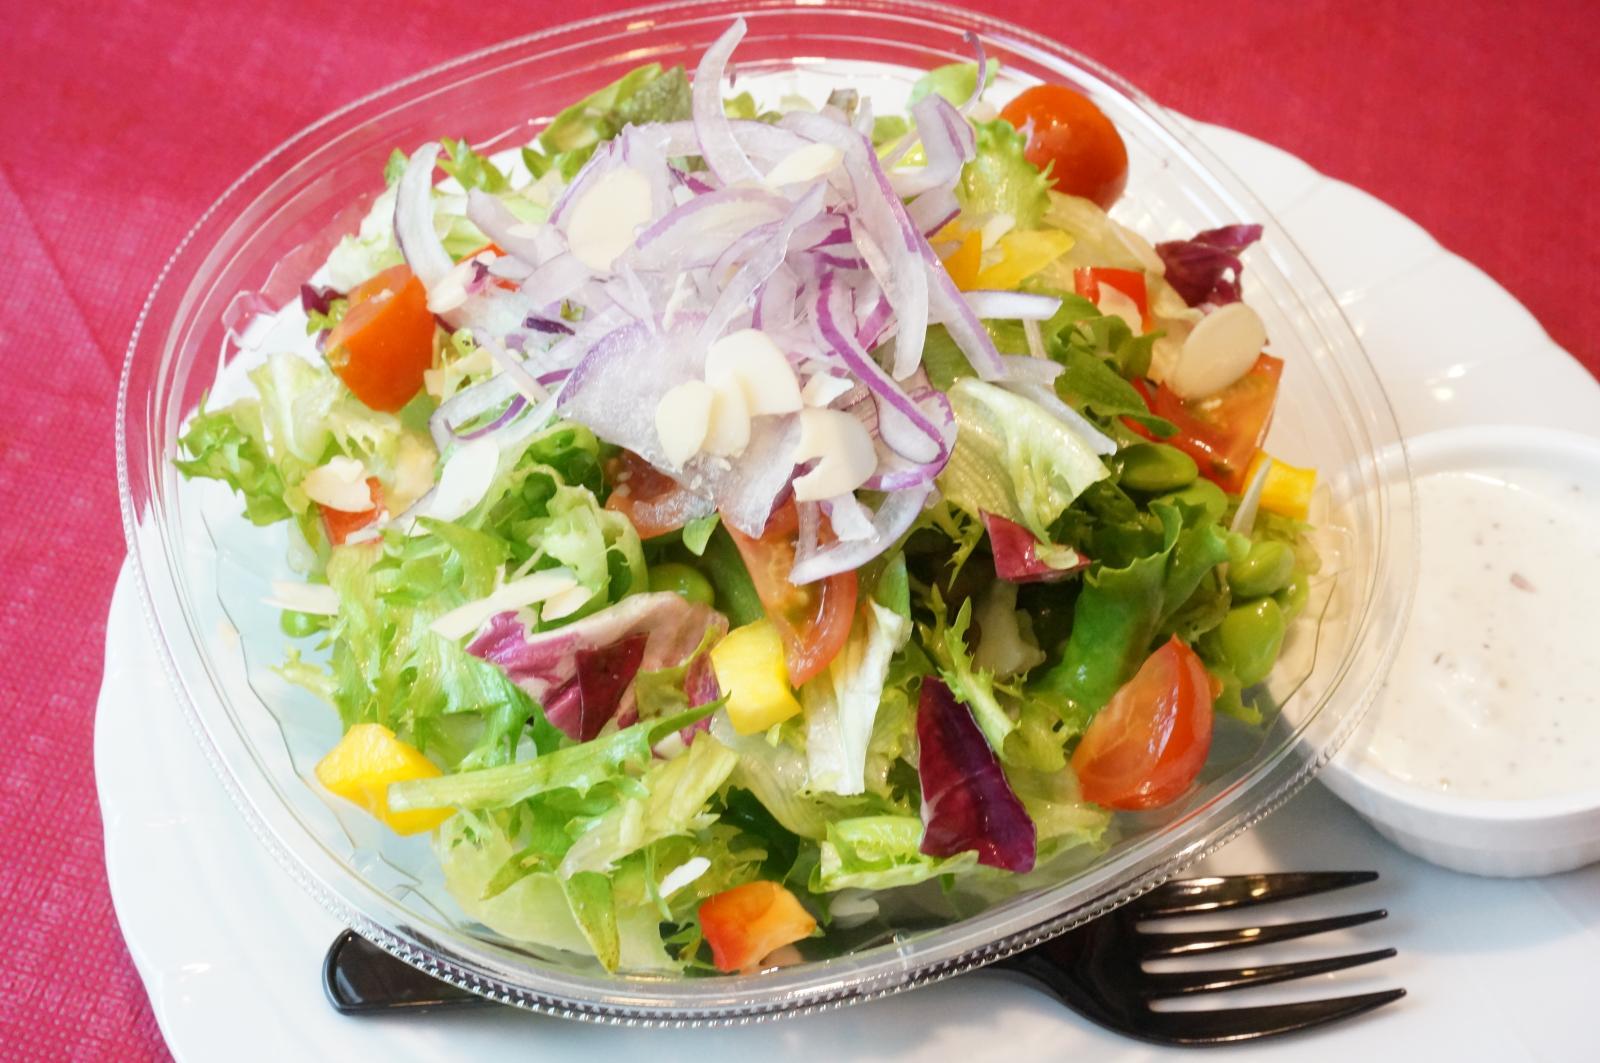 (テイクアウト)グラデボールサラダ のイメージ